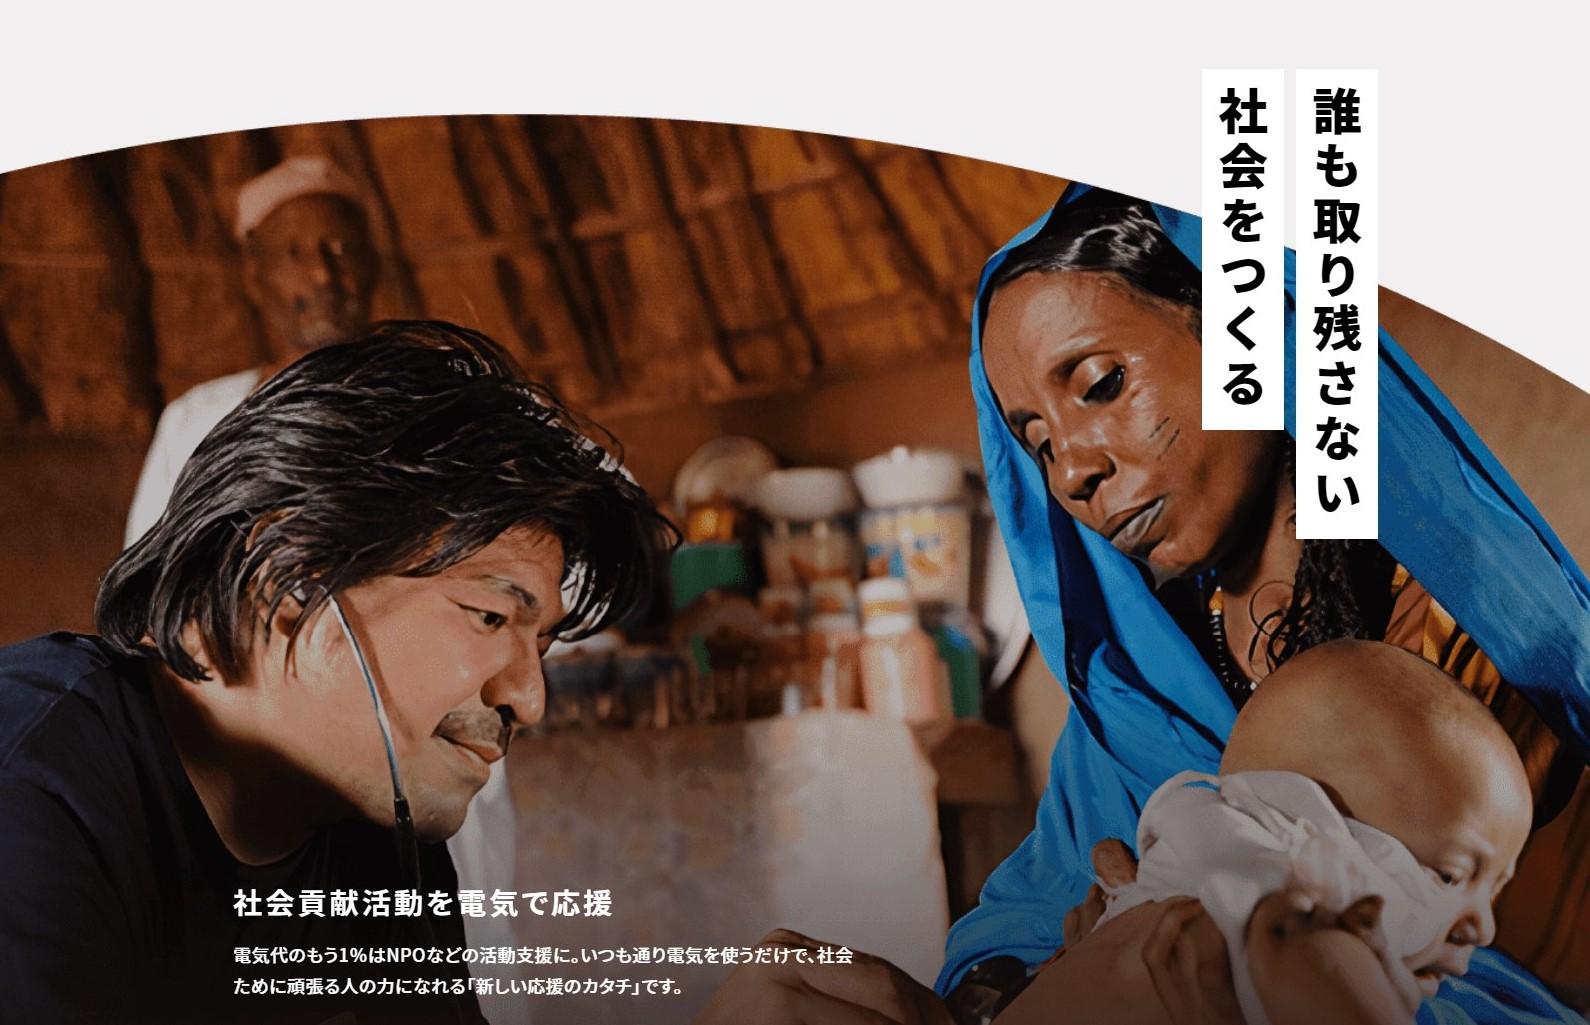 株式会社ボーダレス・ジャパンと協働、「ハチドリ電力」に参加